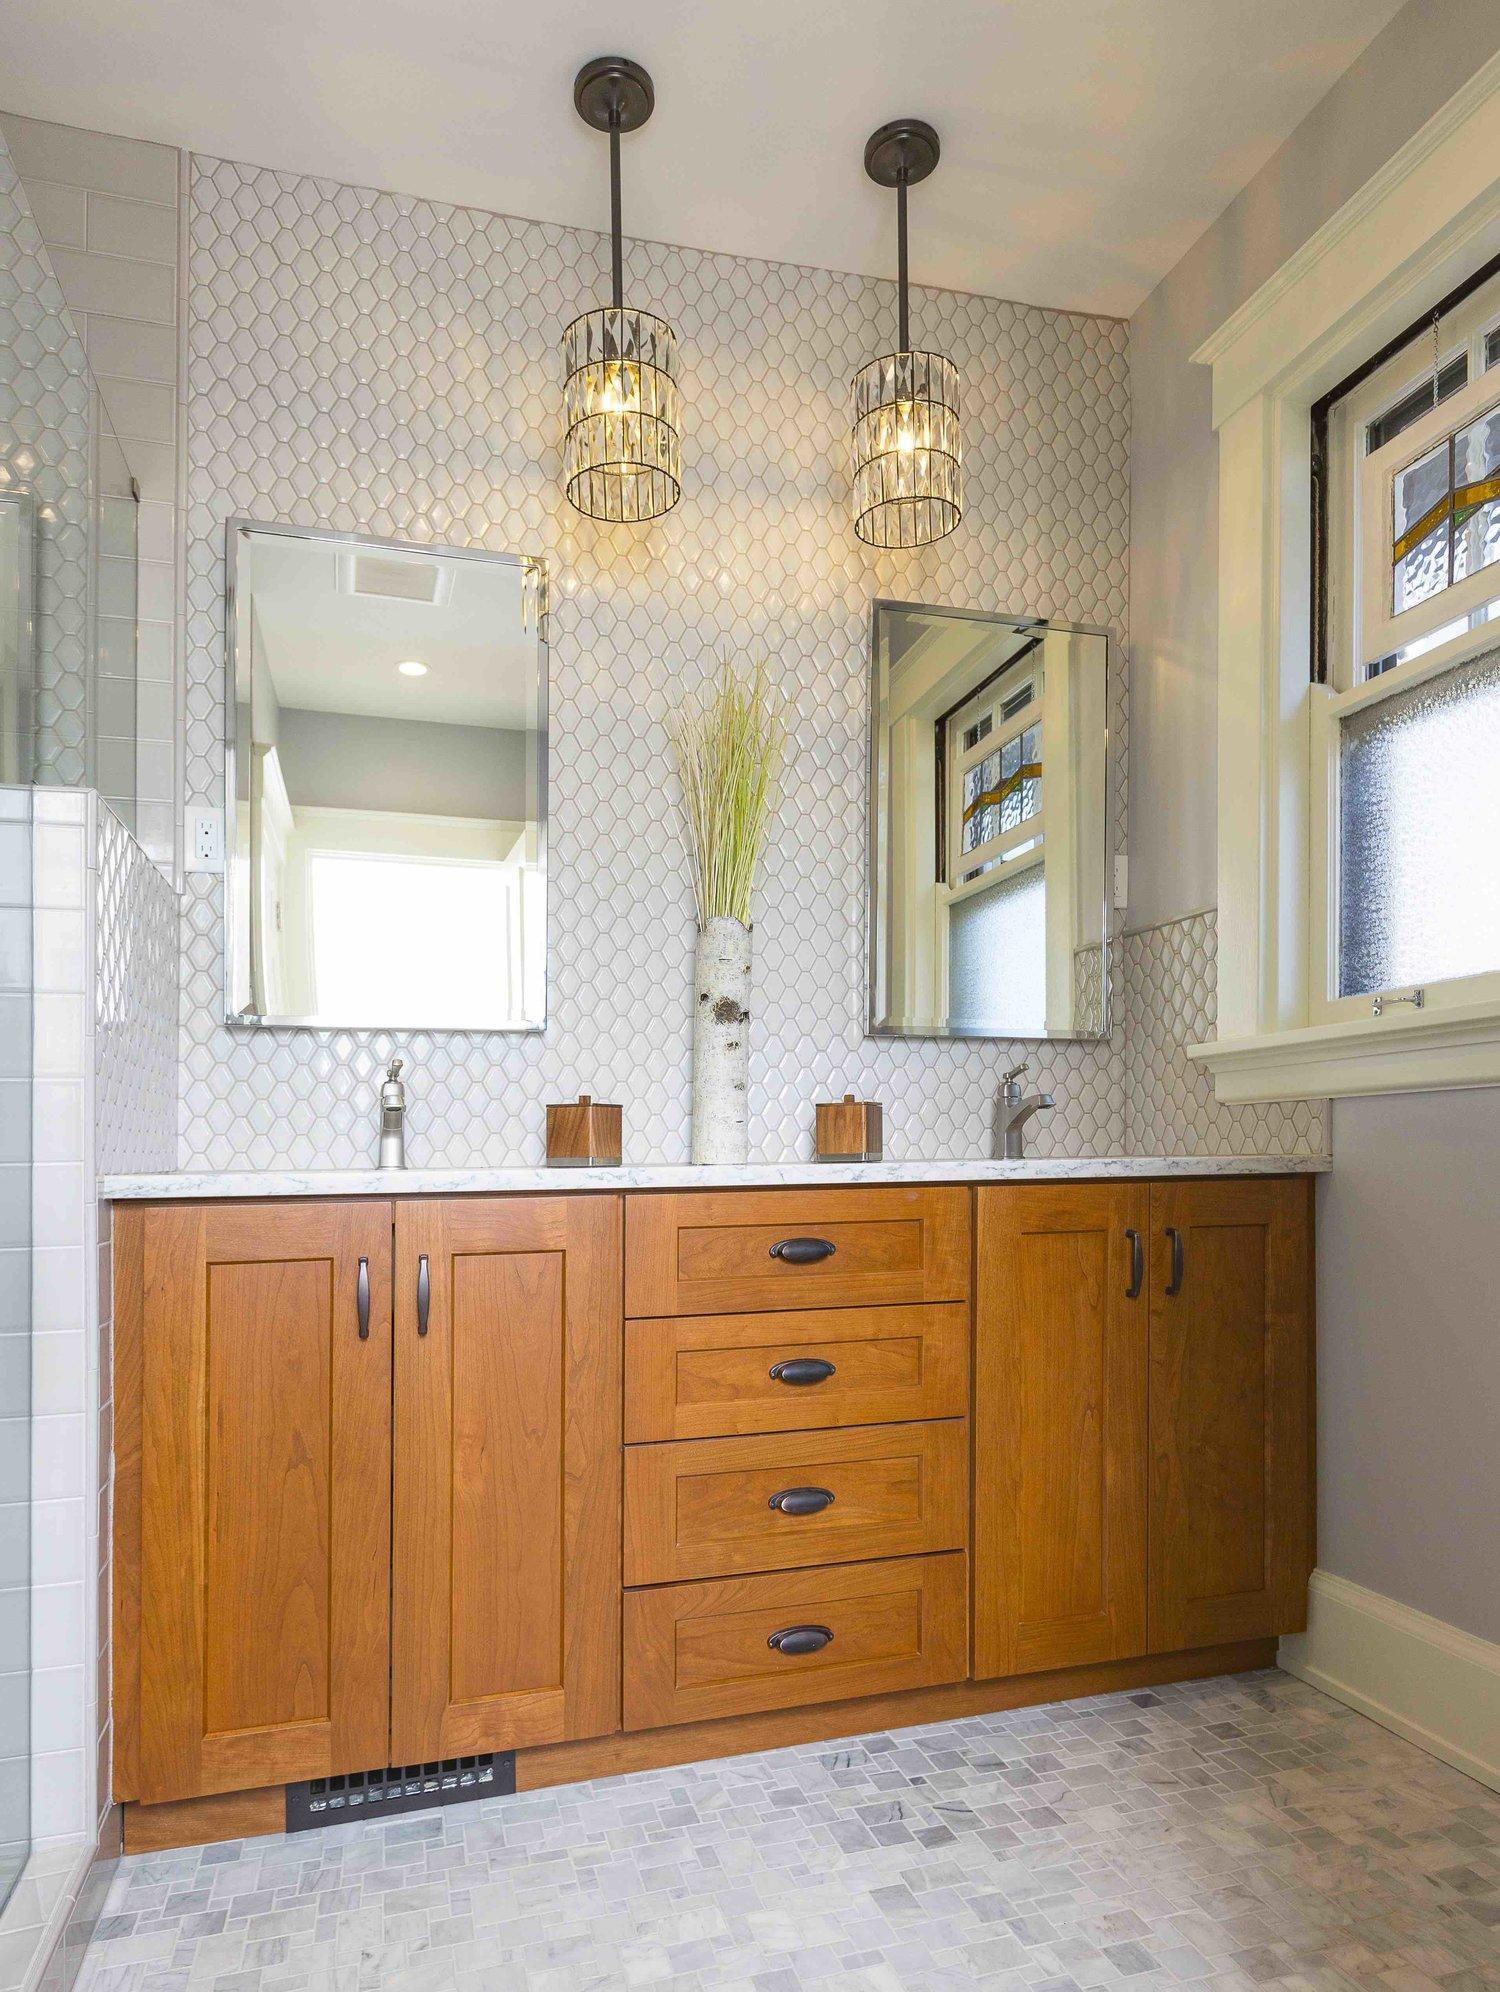 Craftsman+Bathroom+Remodel+Ideas+and+Photos